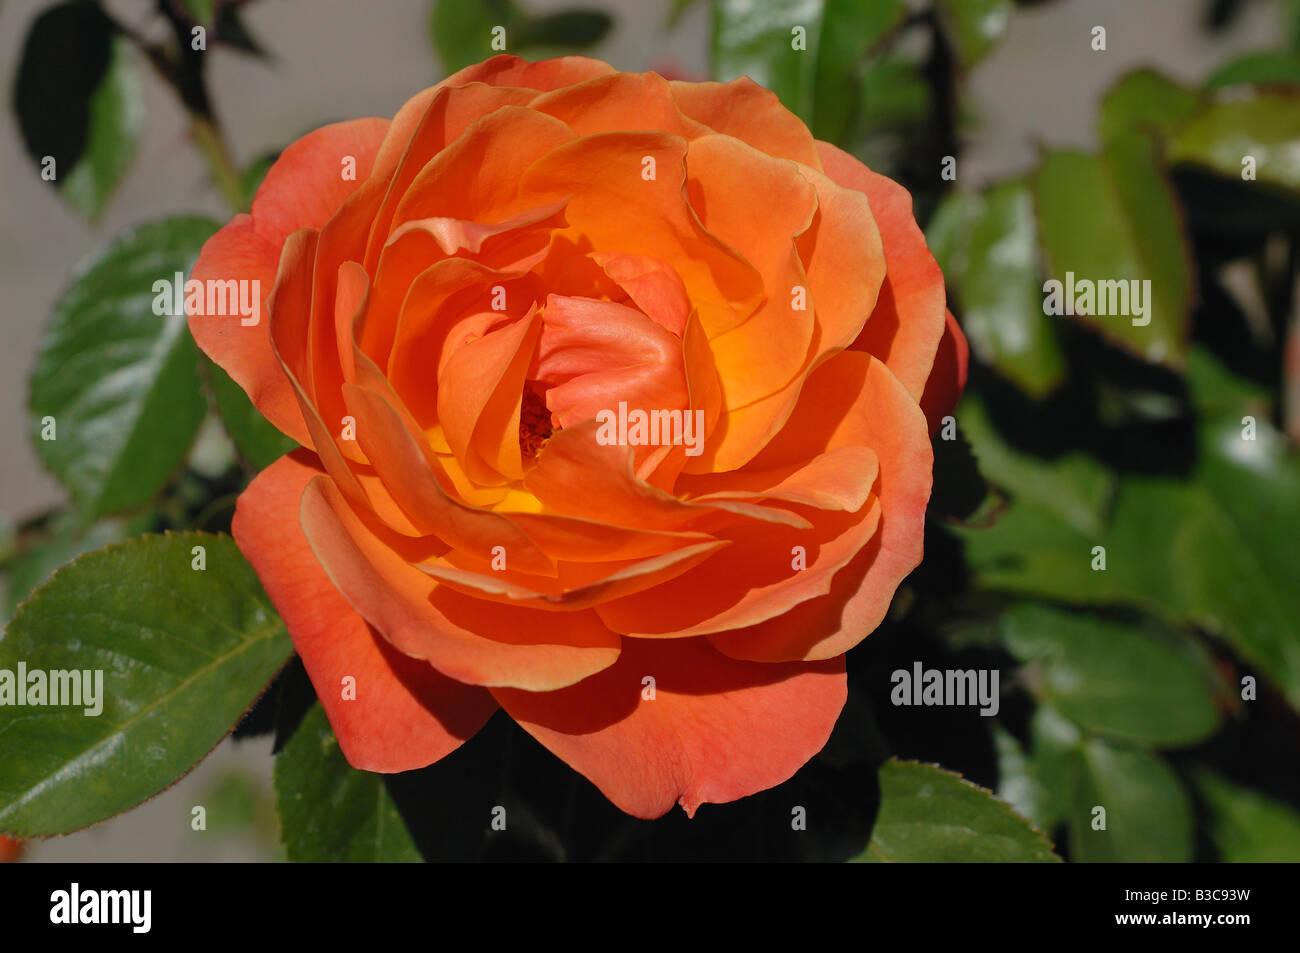 De couleur orange est levée à Julia Davis Park, le jardin de roses, Boise, Idaho Photo Stock